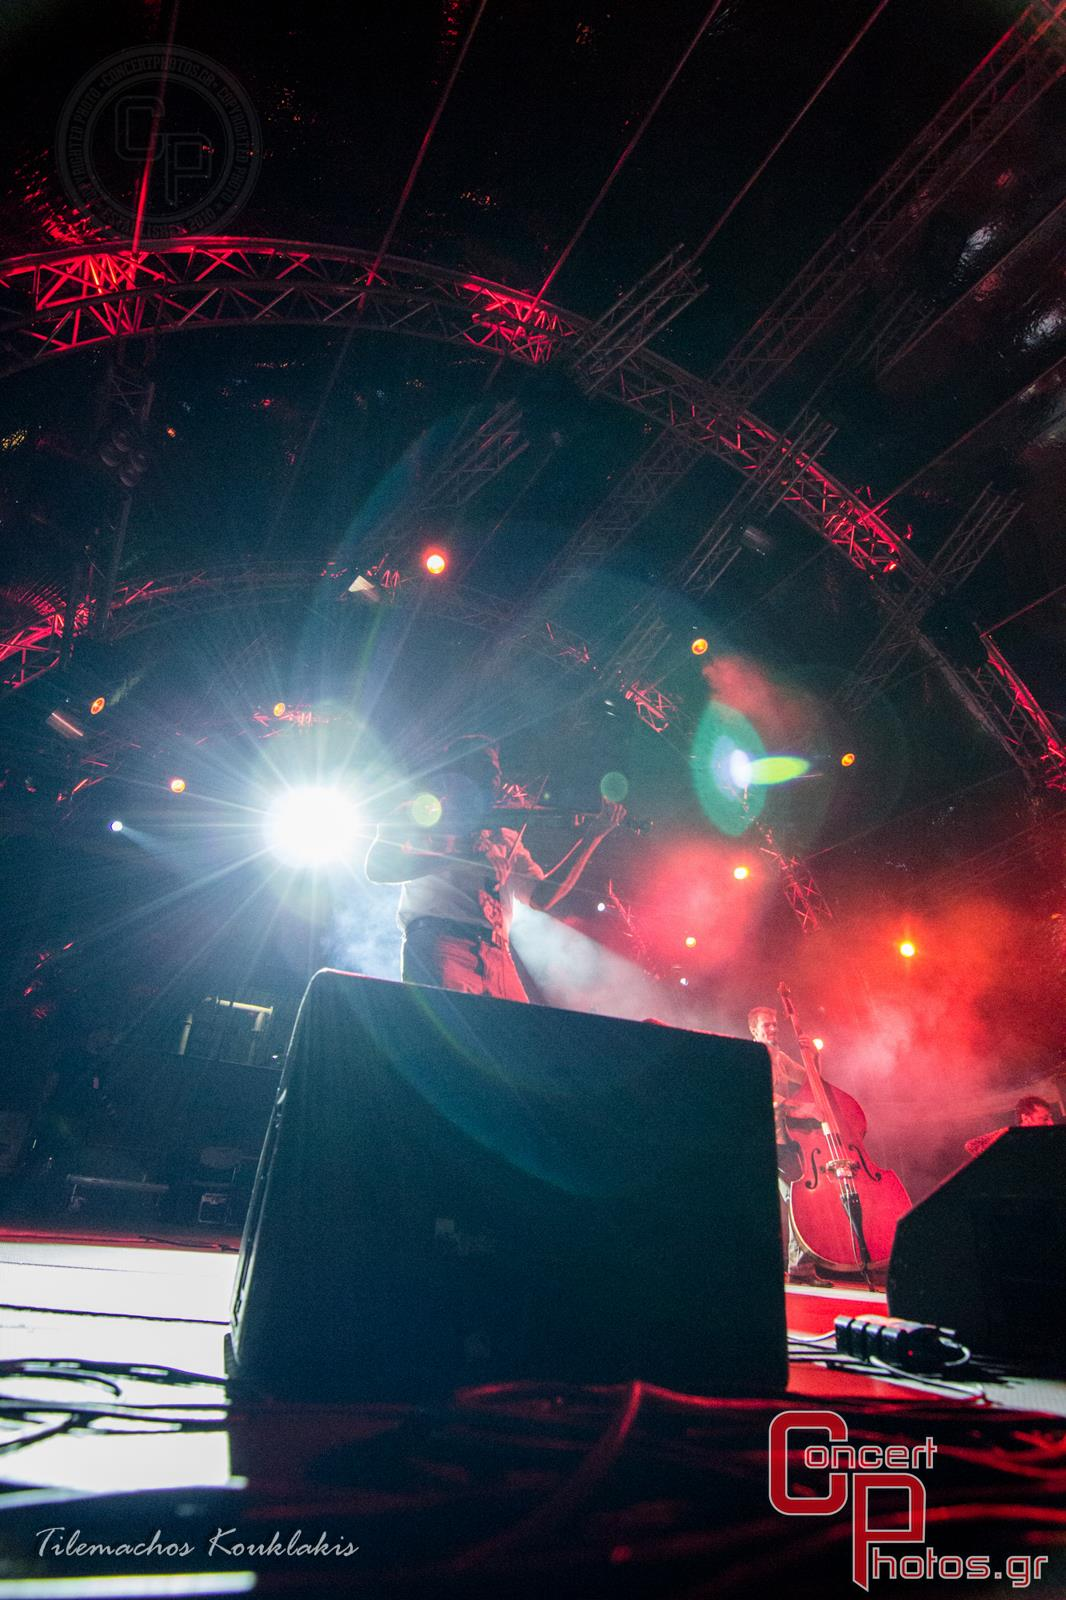 Μία συναυλία για τη Σχεδία 2014-Sxedia 2014 photographer:  - concertphotos_20140530_20_13_34-3